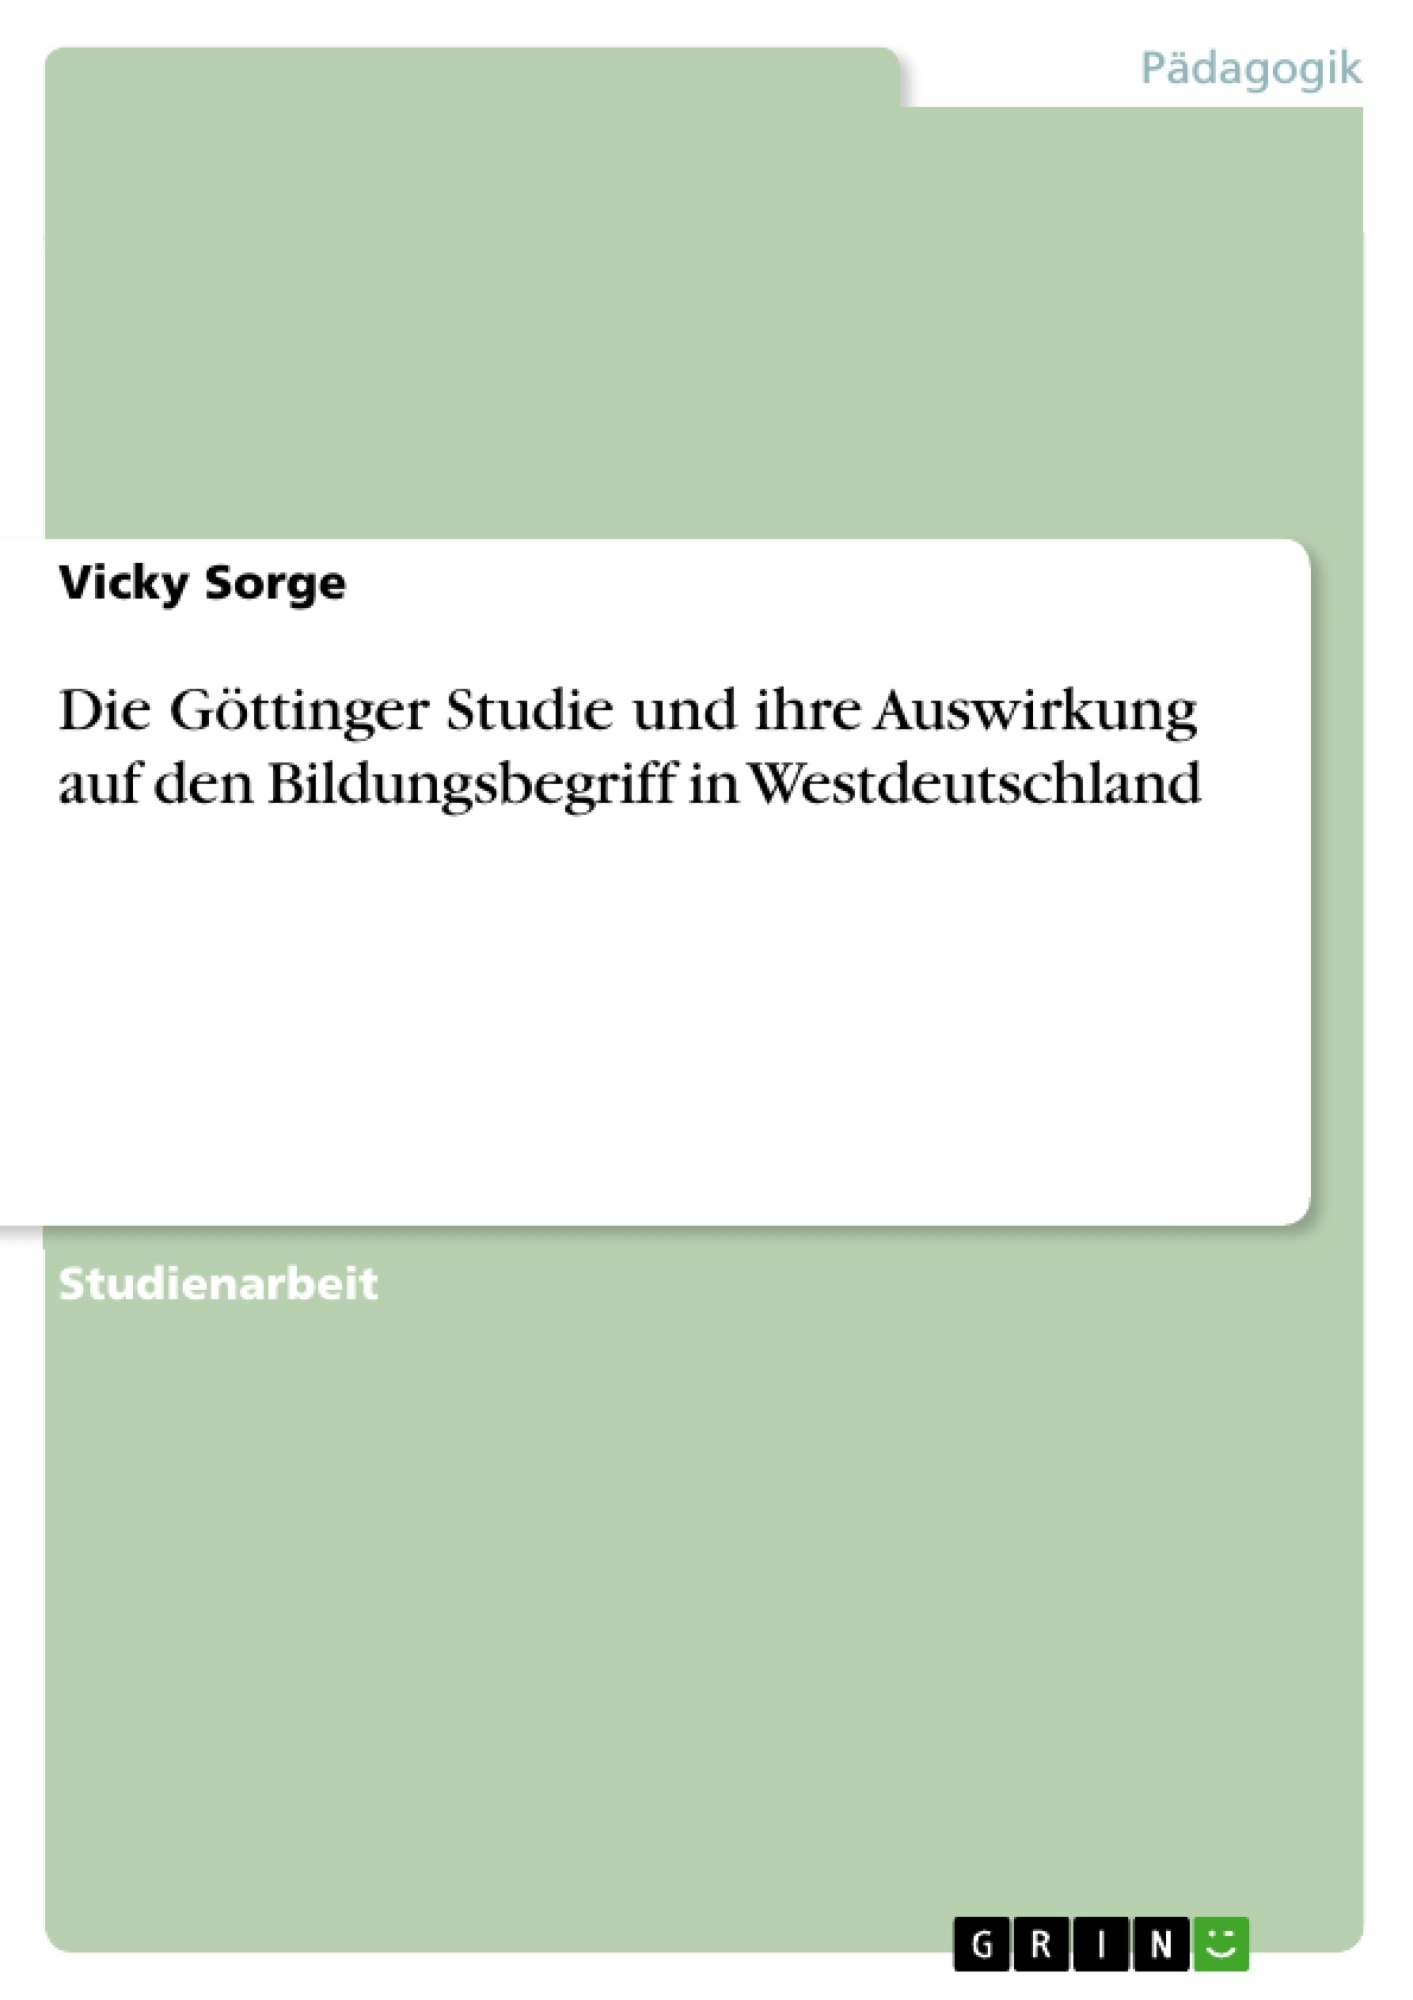 Titel: Die Göttinger Studie und ihre Auswirkung auf den Bildungsbegriff in Westdeutschland